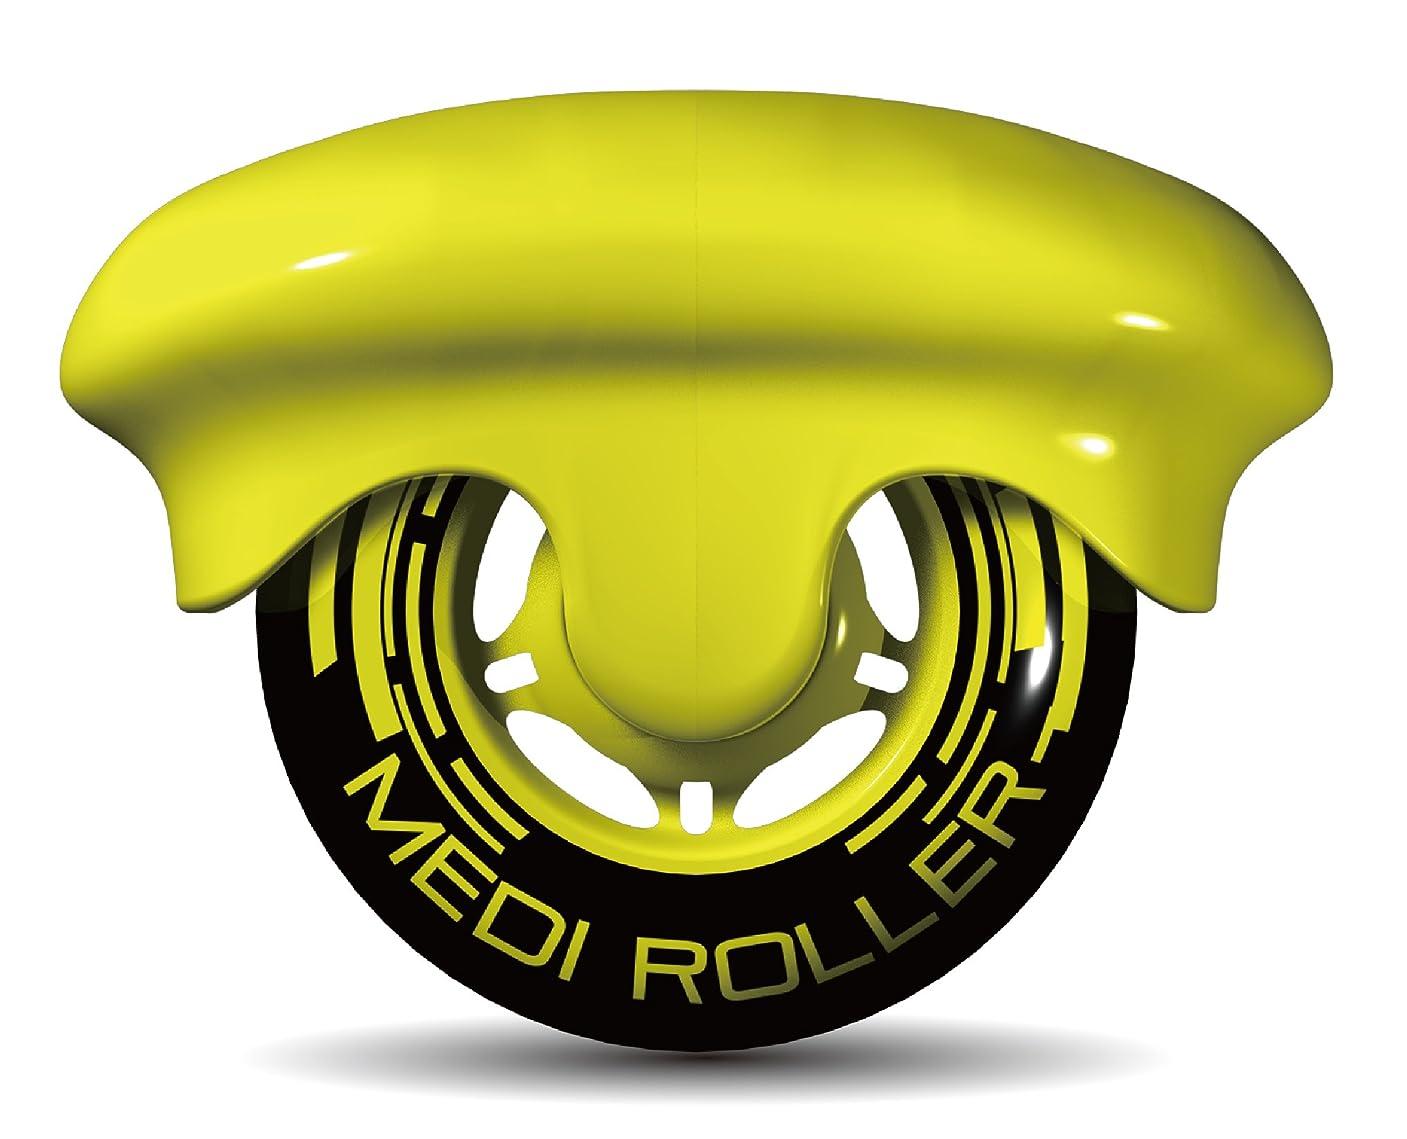 殺す失敗換気MEDI ROLLER (メディローラー) 巾着付き 筋肉のコリを点で押すセルフローラー (イエロー)